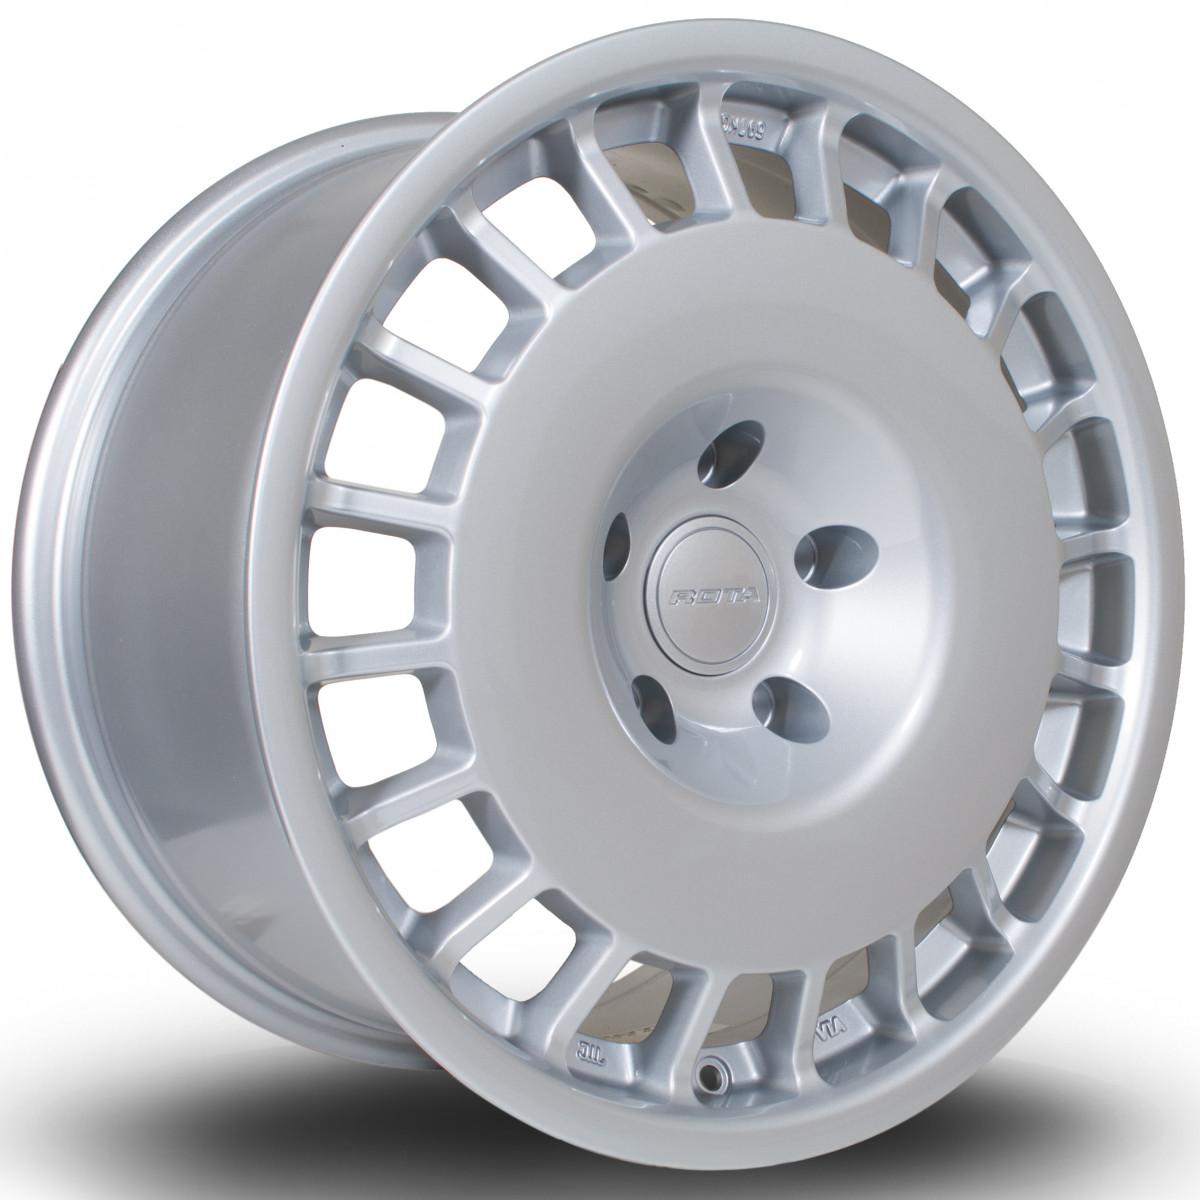 D154 17x8.5 5x120 ET38 Silver